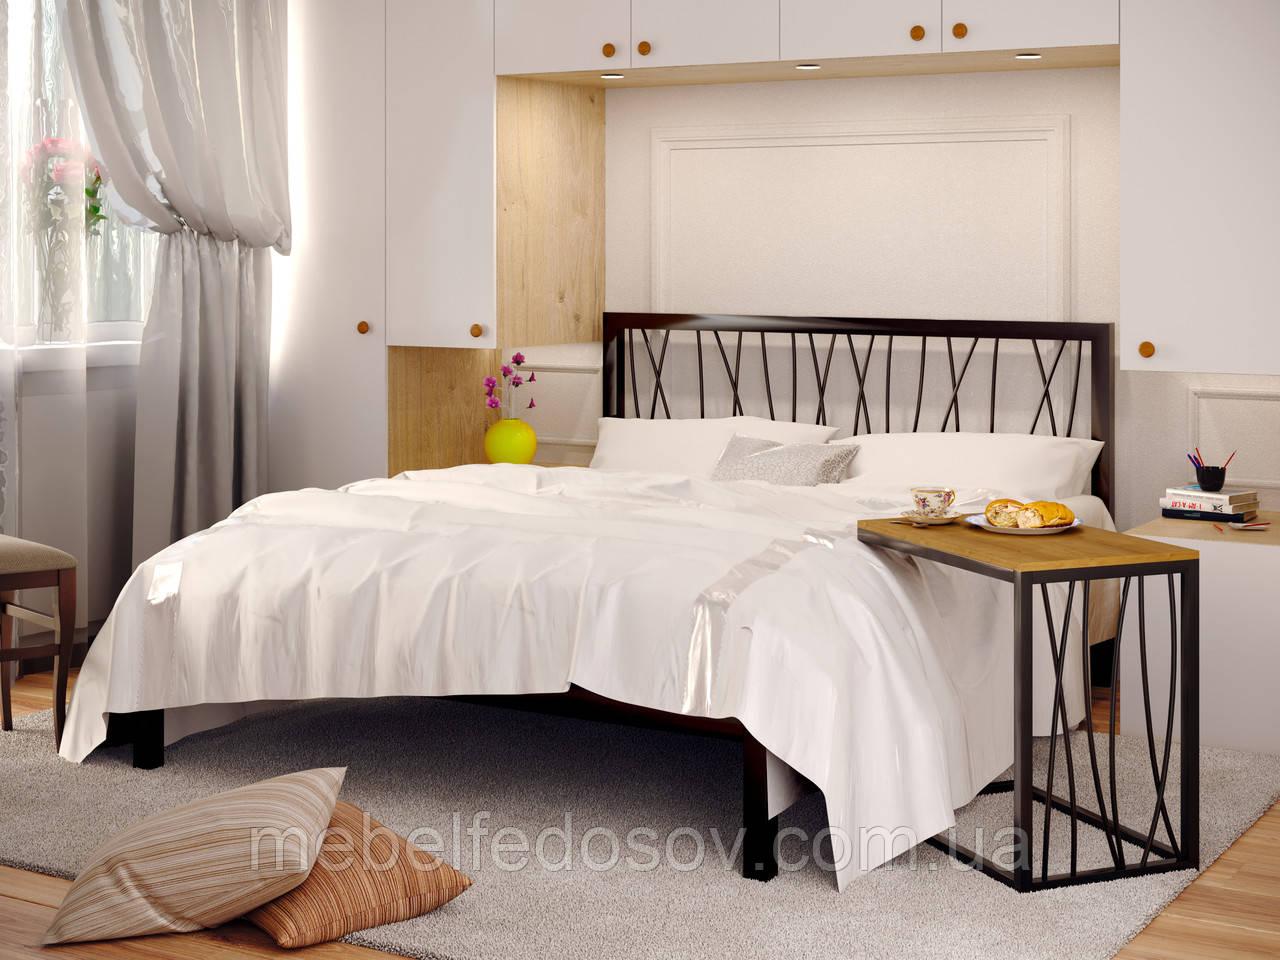 Кровать металлическая Бергамо 1 / Bergamo 1 односпальная 90 (Метакам)